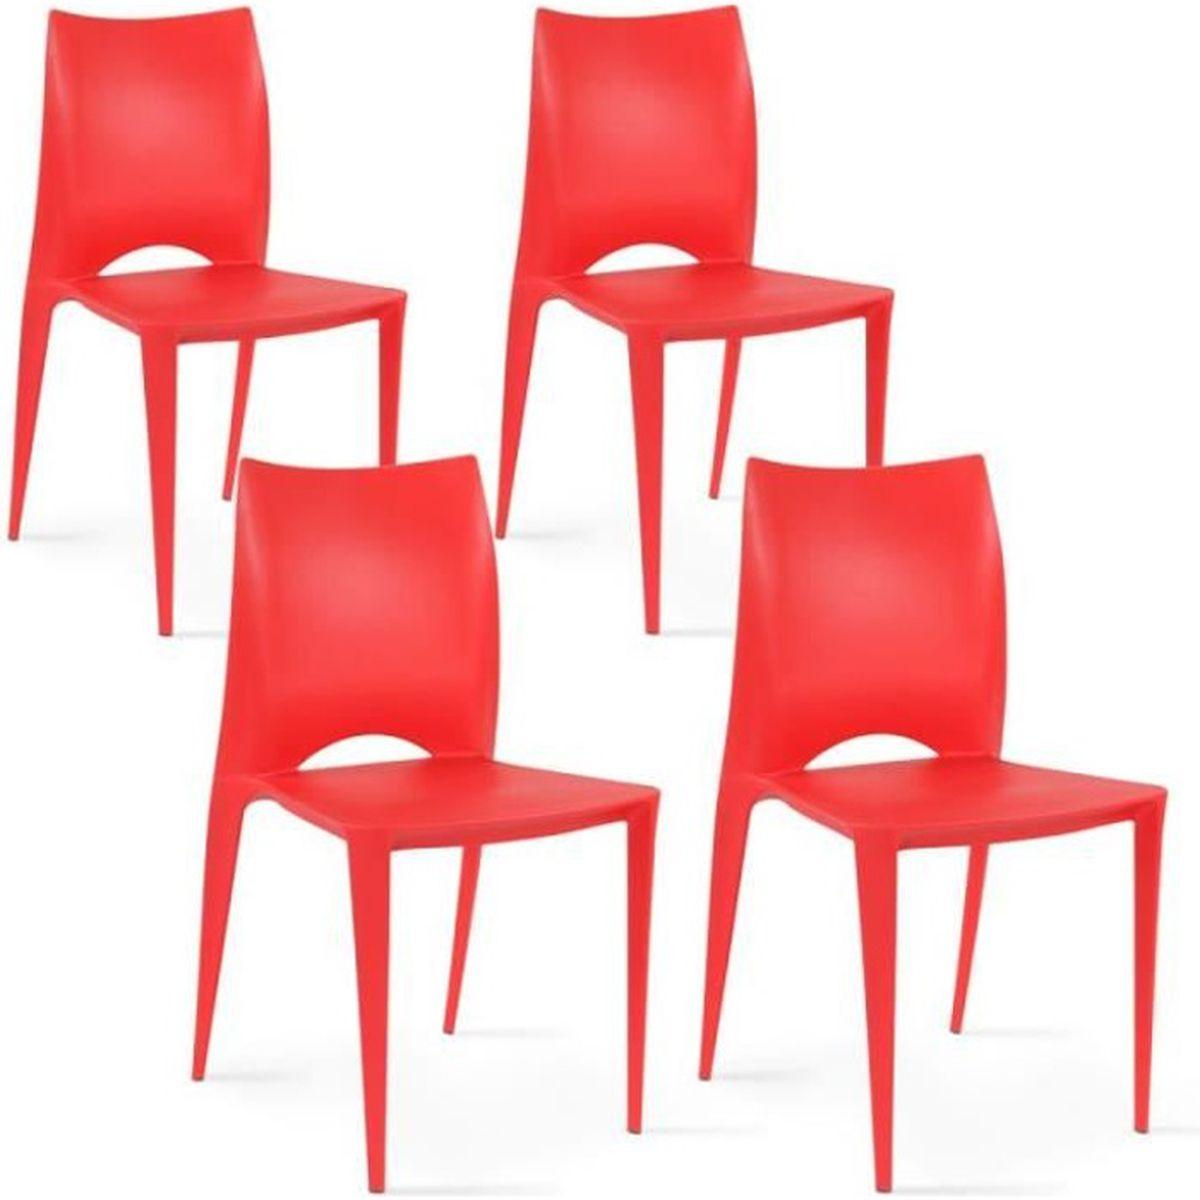 4 chaises plastique rouge achat vente 4 chaises plastique rouge pas cher les soldes sur. Black Bedroom Furniture Sets. Home Design Ideas